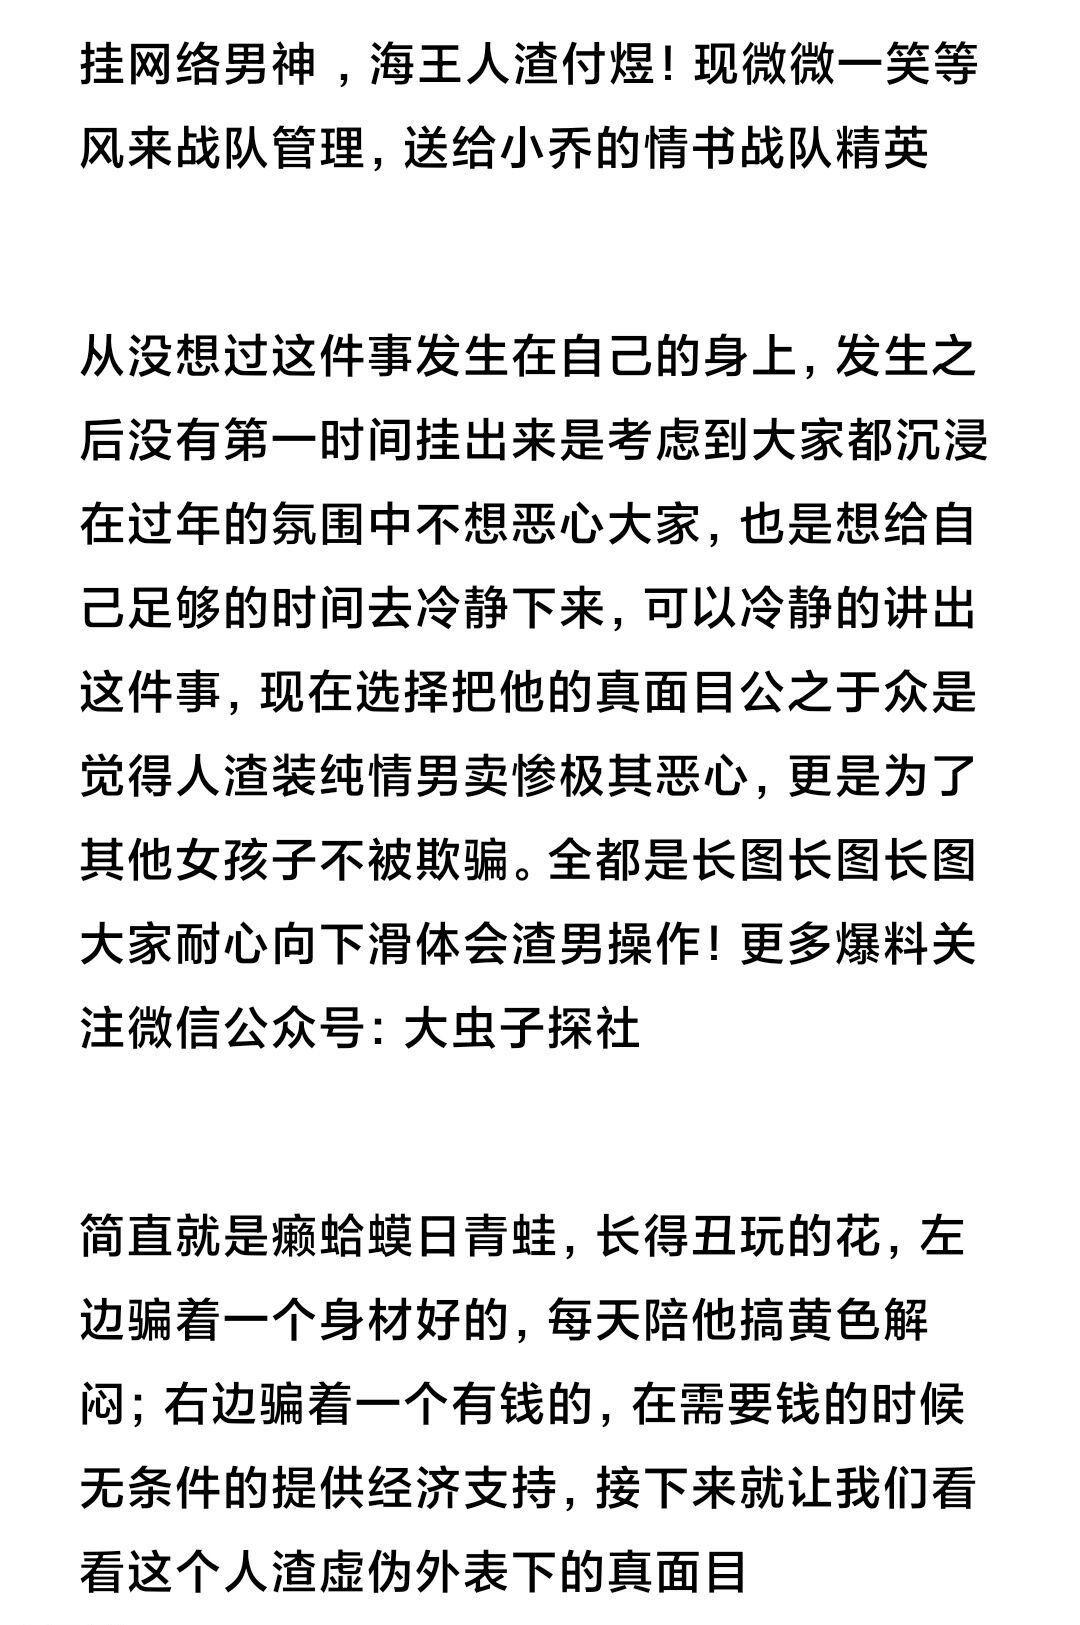 群友投稿,发个王者渣男!!时间管理大师!-大鹏资源网